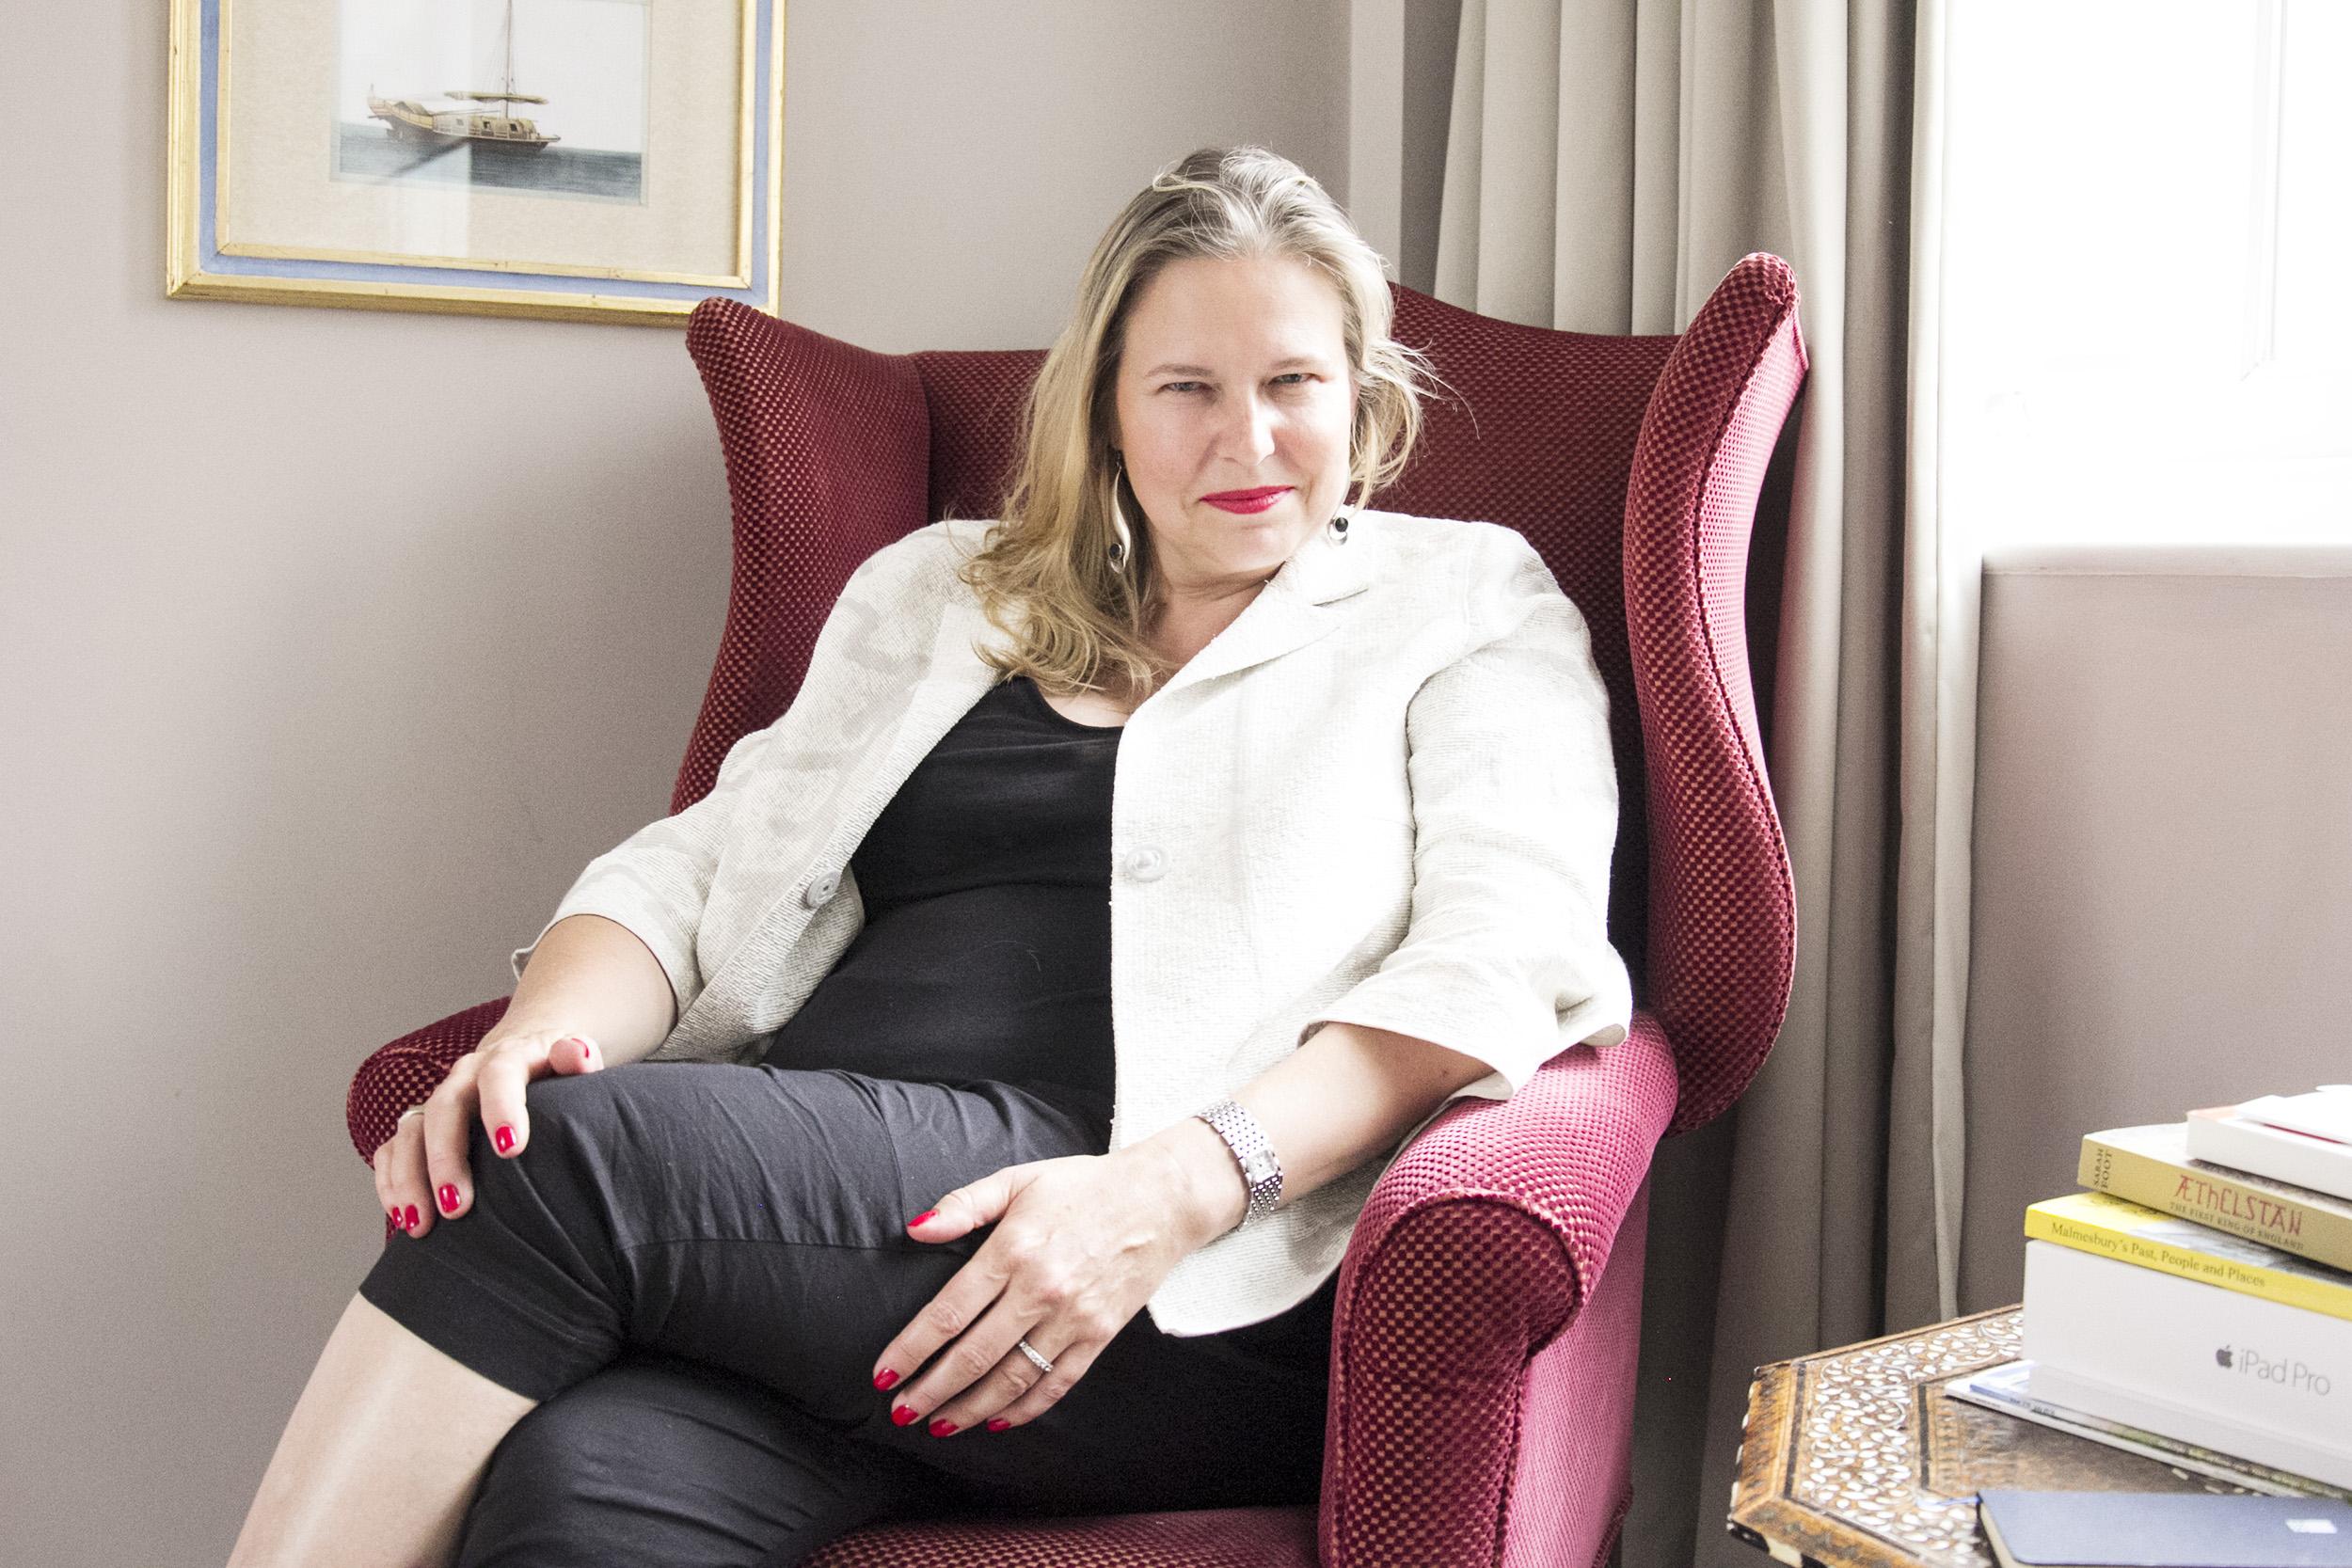 Ariane Steinbeck